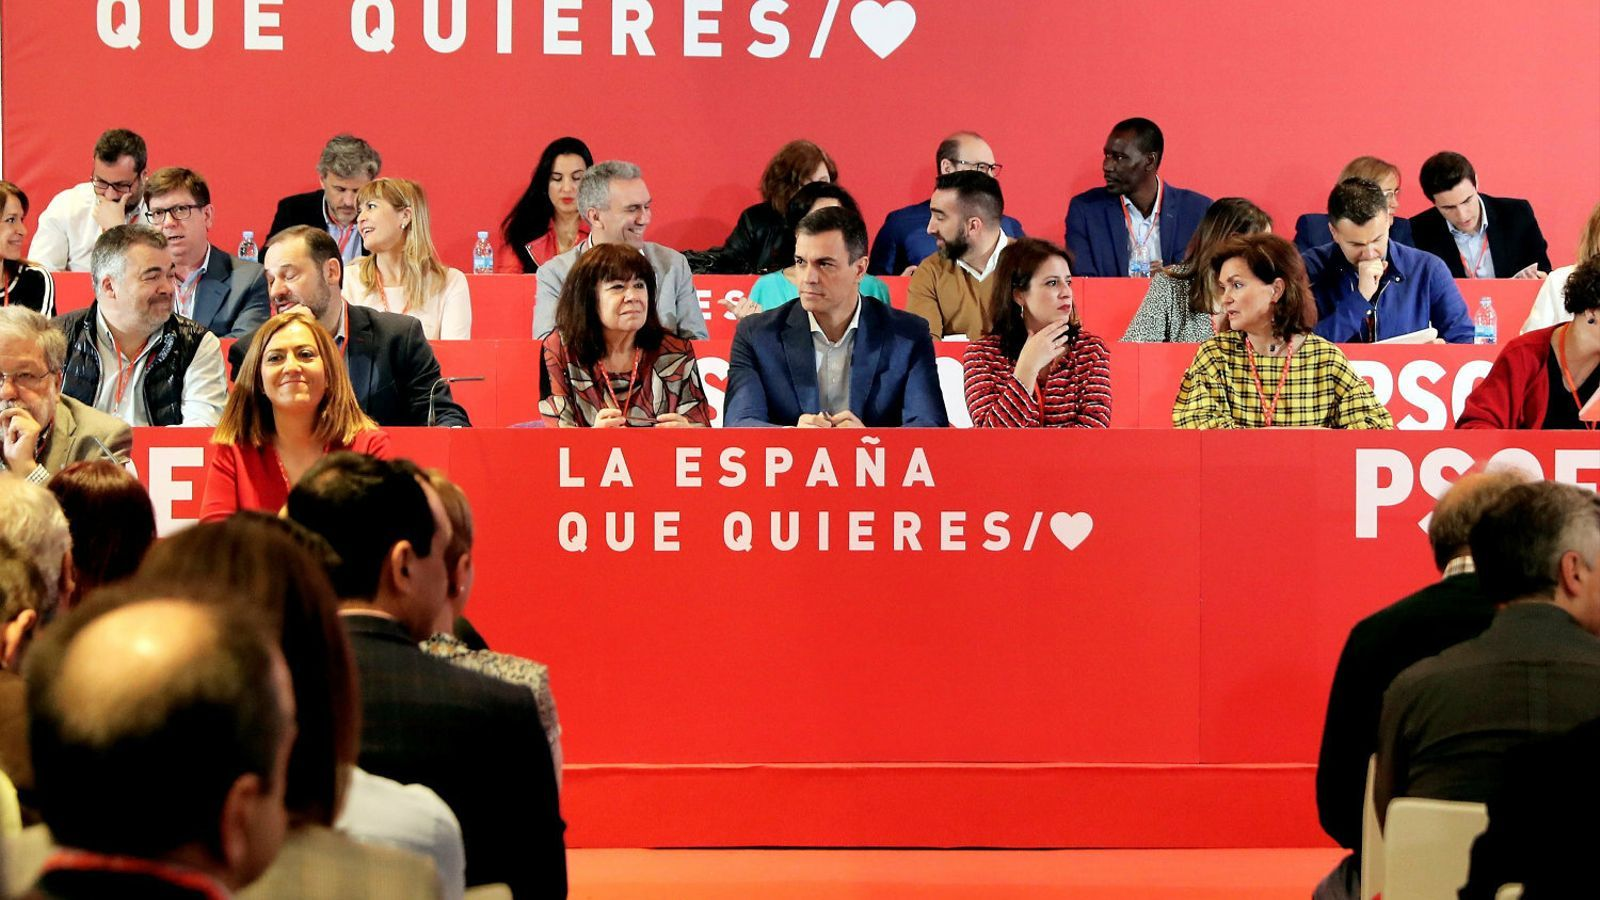 Sánchez avisa que nunca se producirá la independencia si gobierna